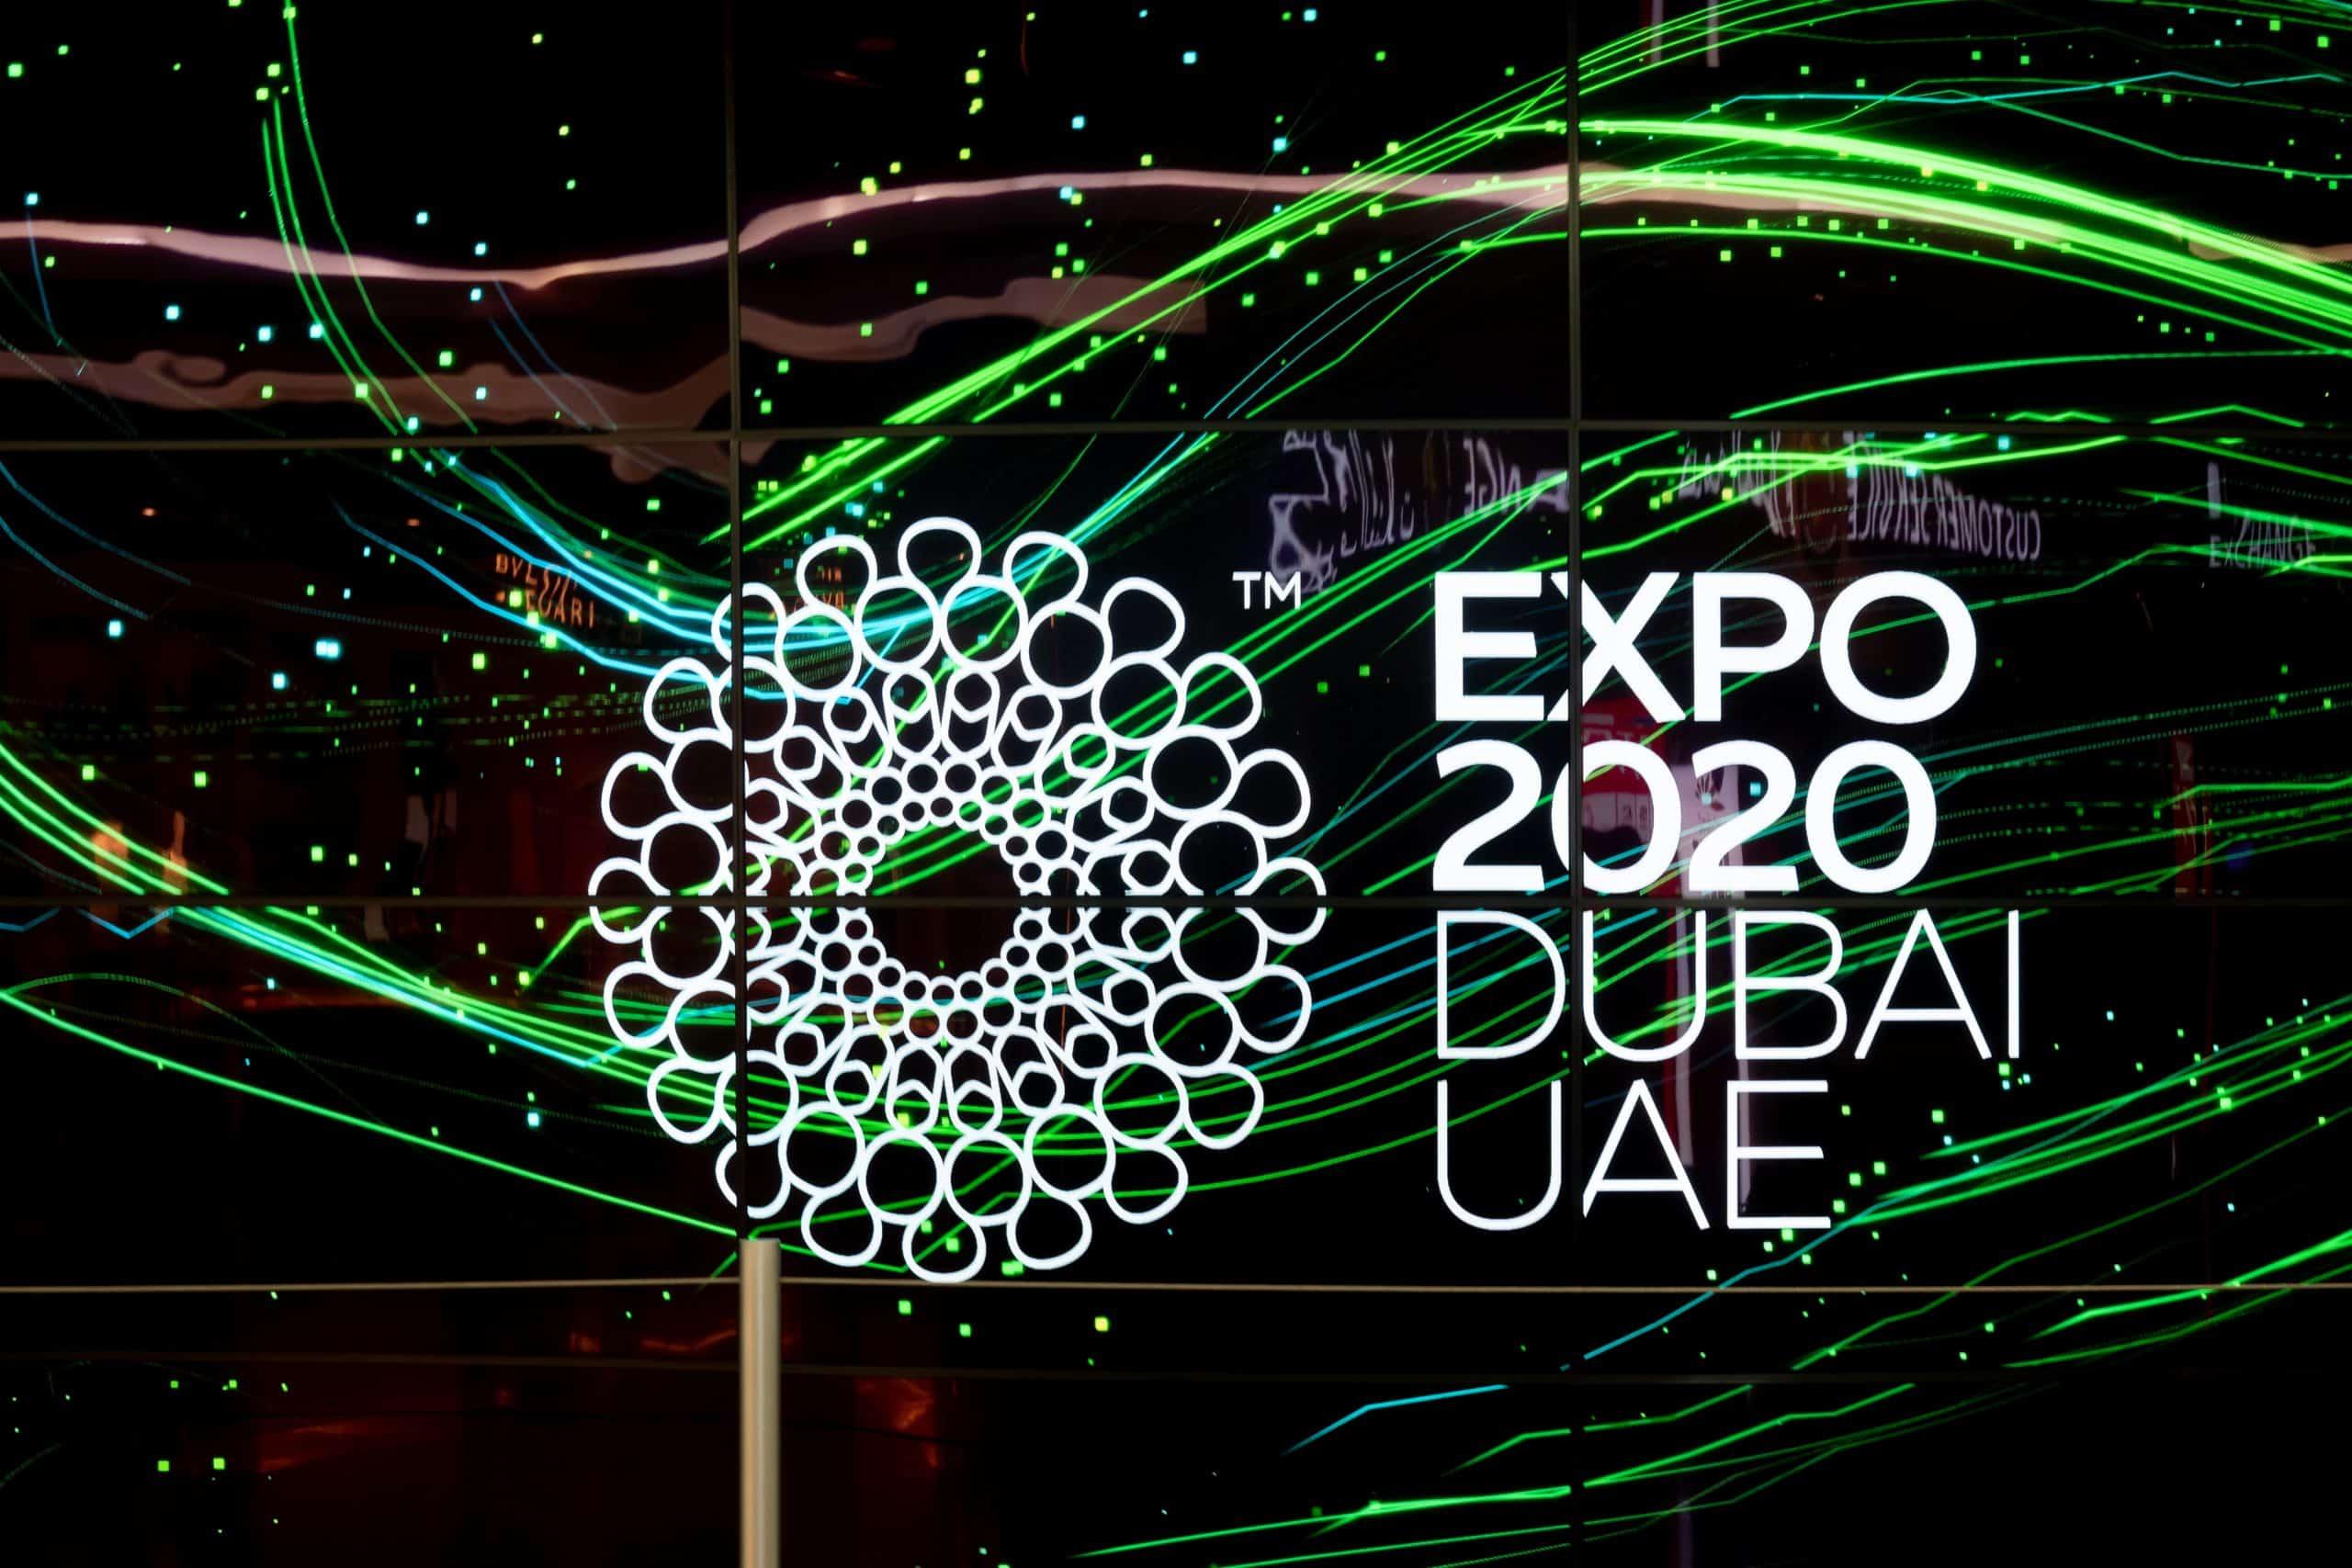 بعد التطبيع .. طائرات اسرائيلية ستحمي معرض إكسبو 2020 في دبي!